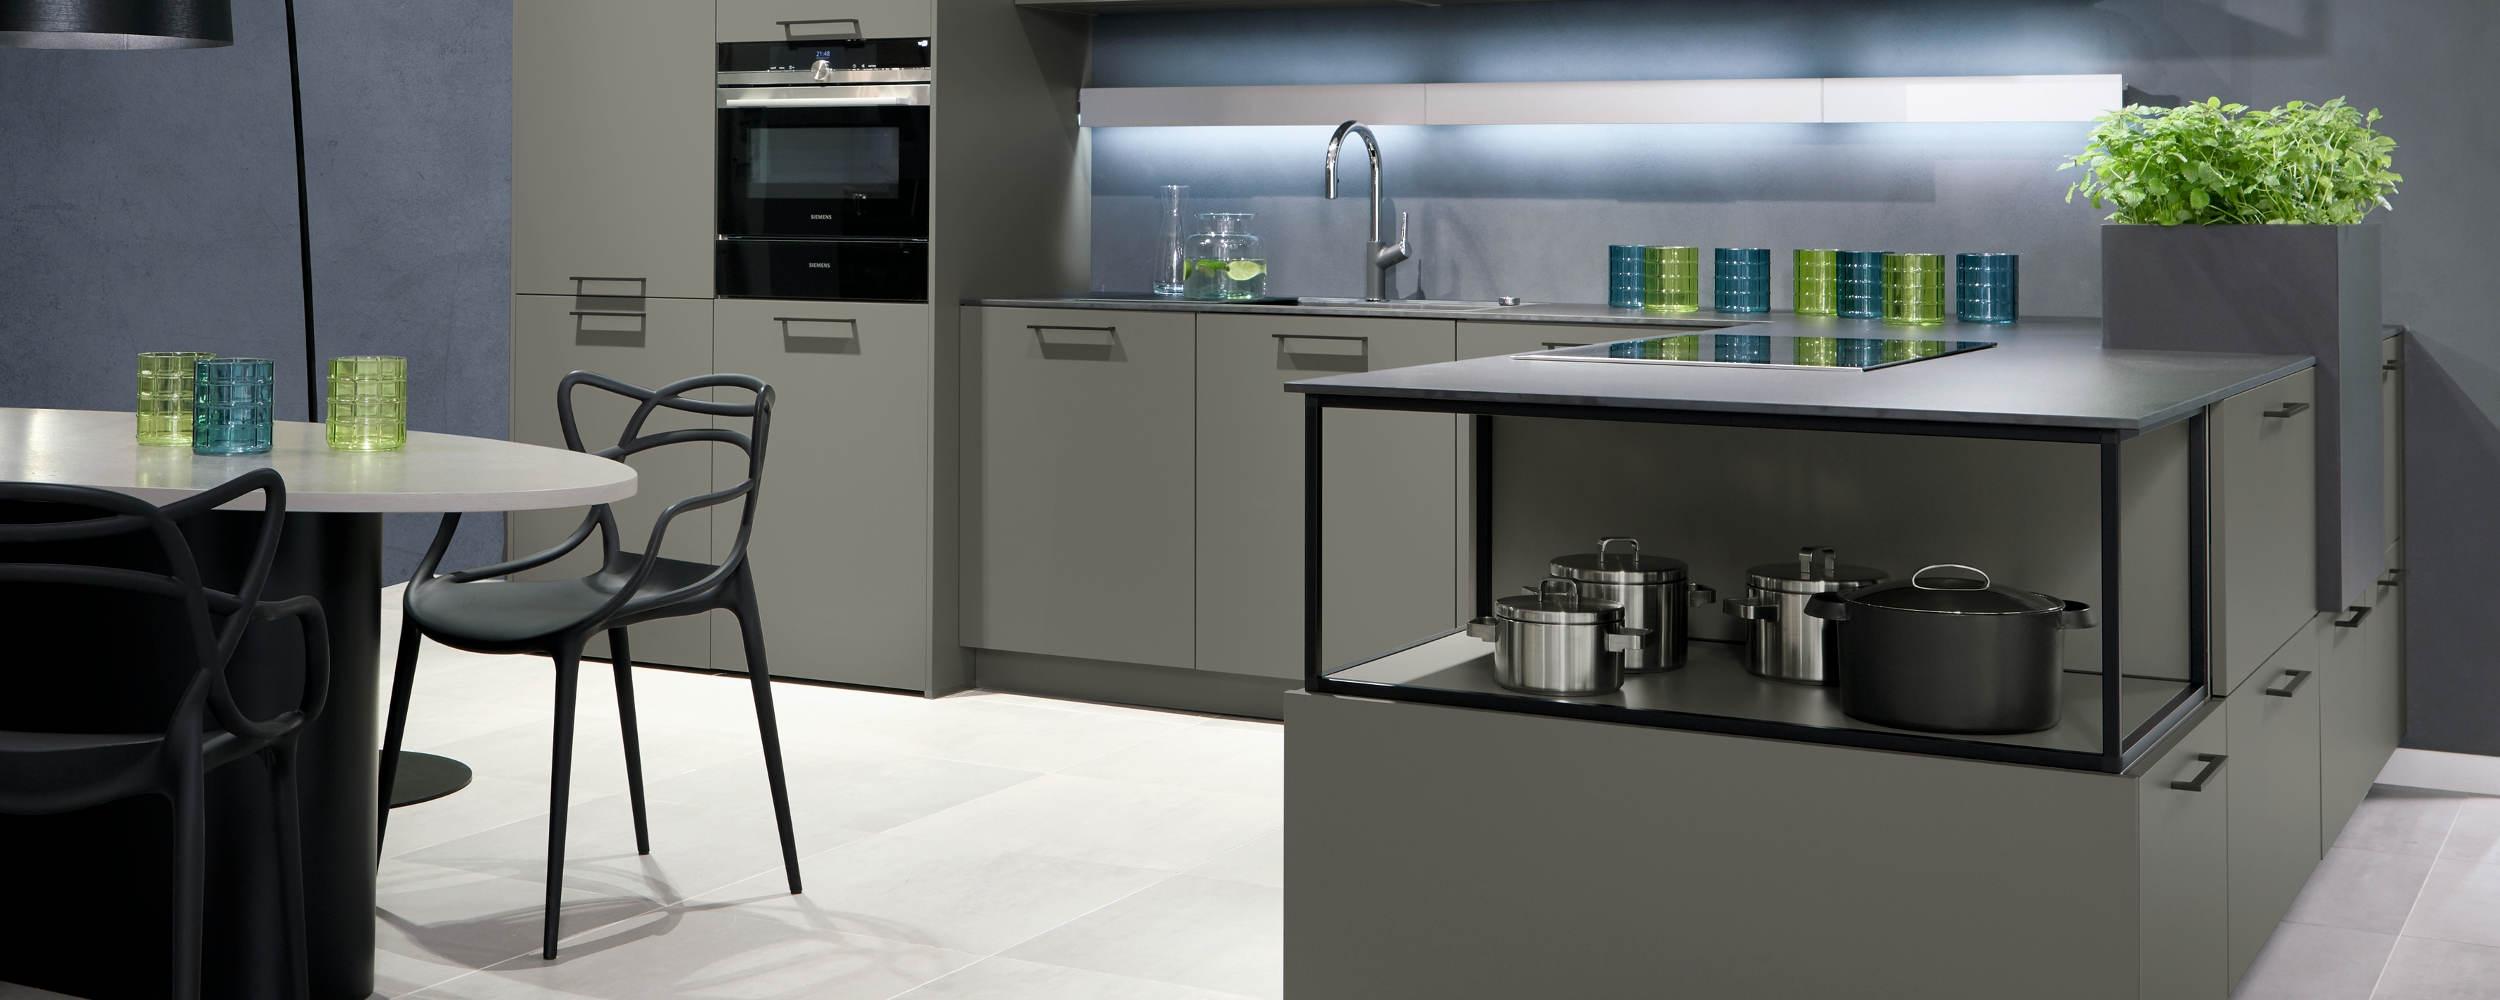 pronorm proline kitchen